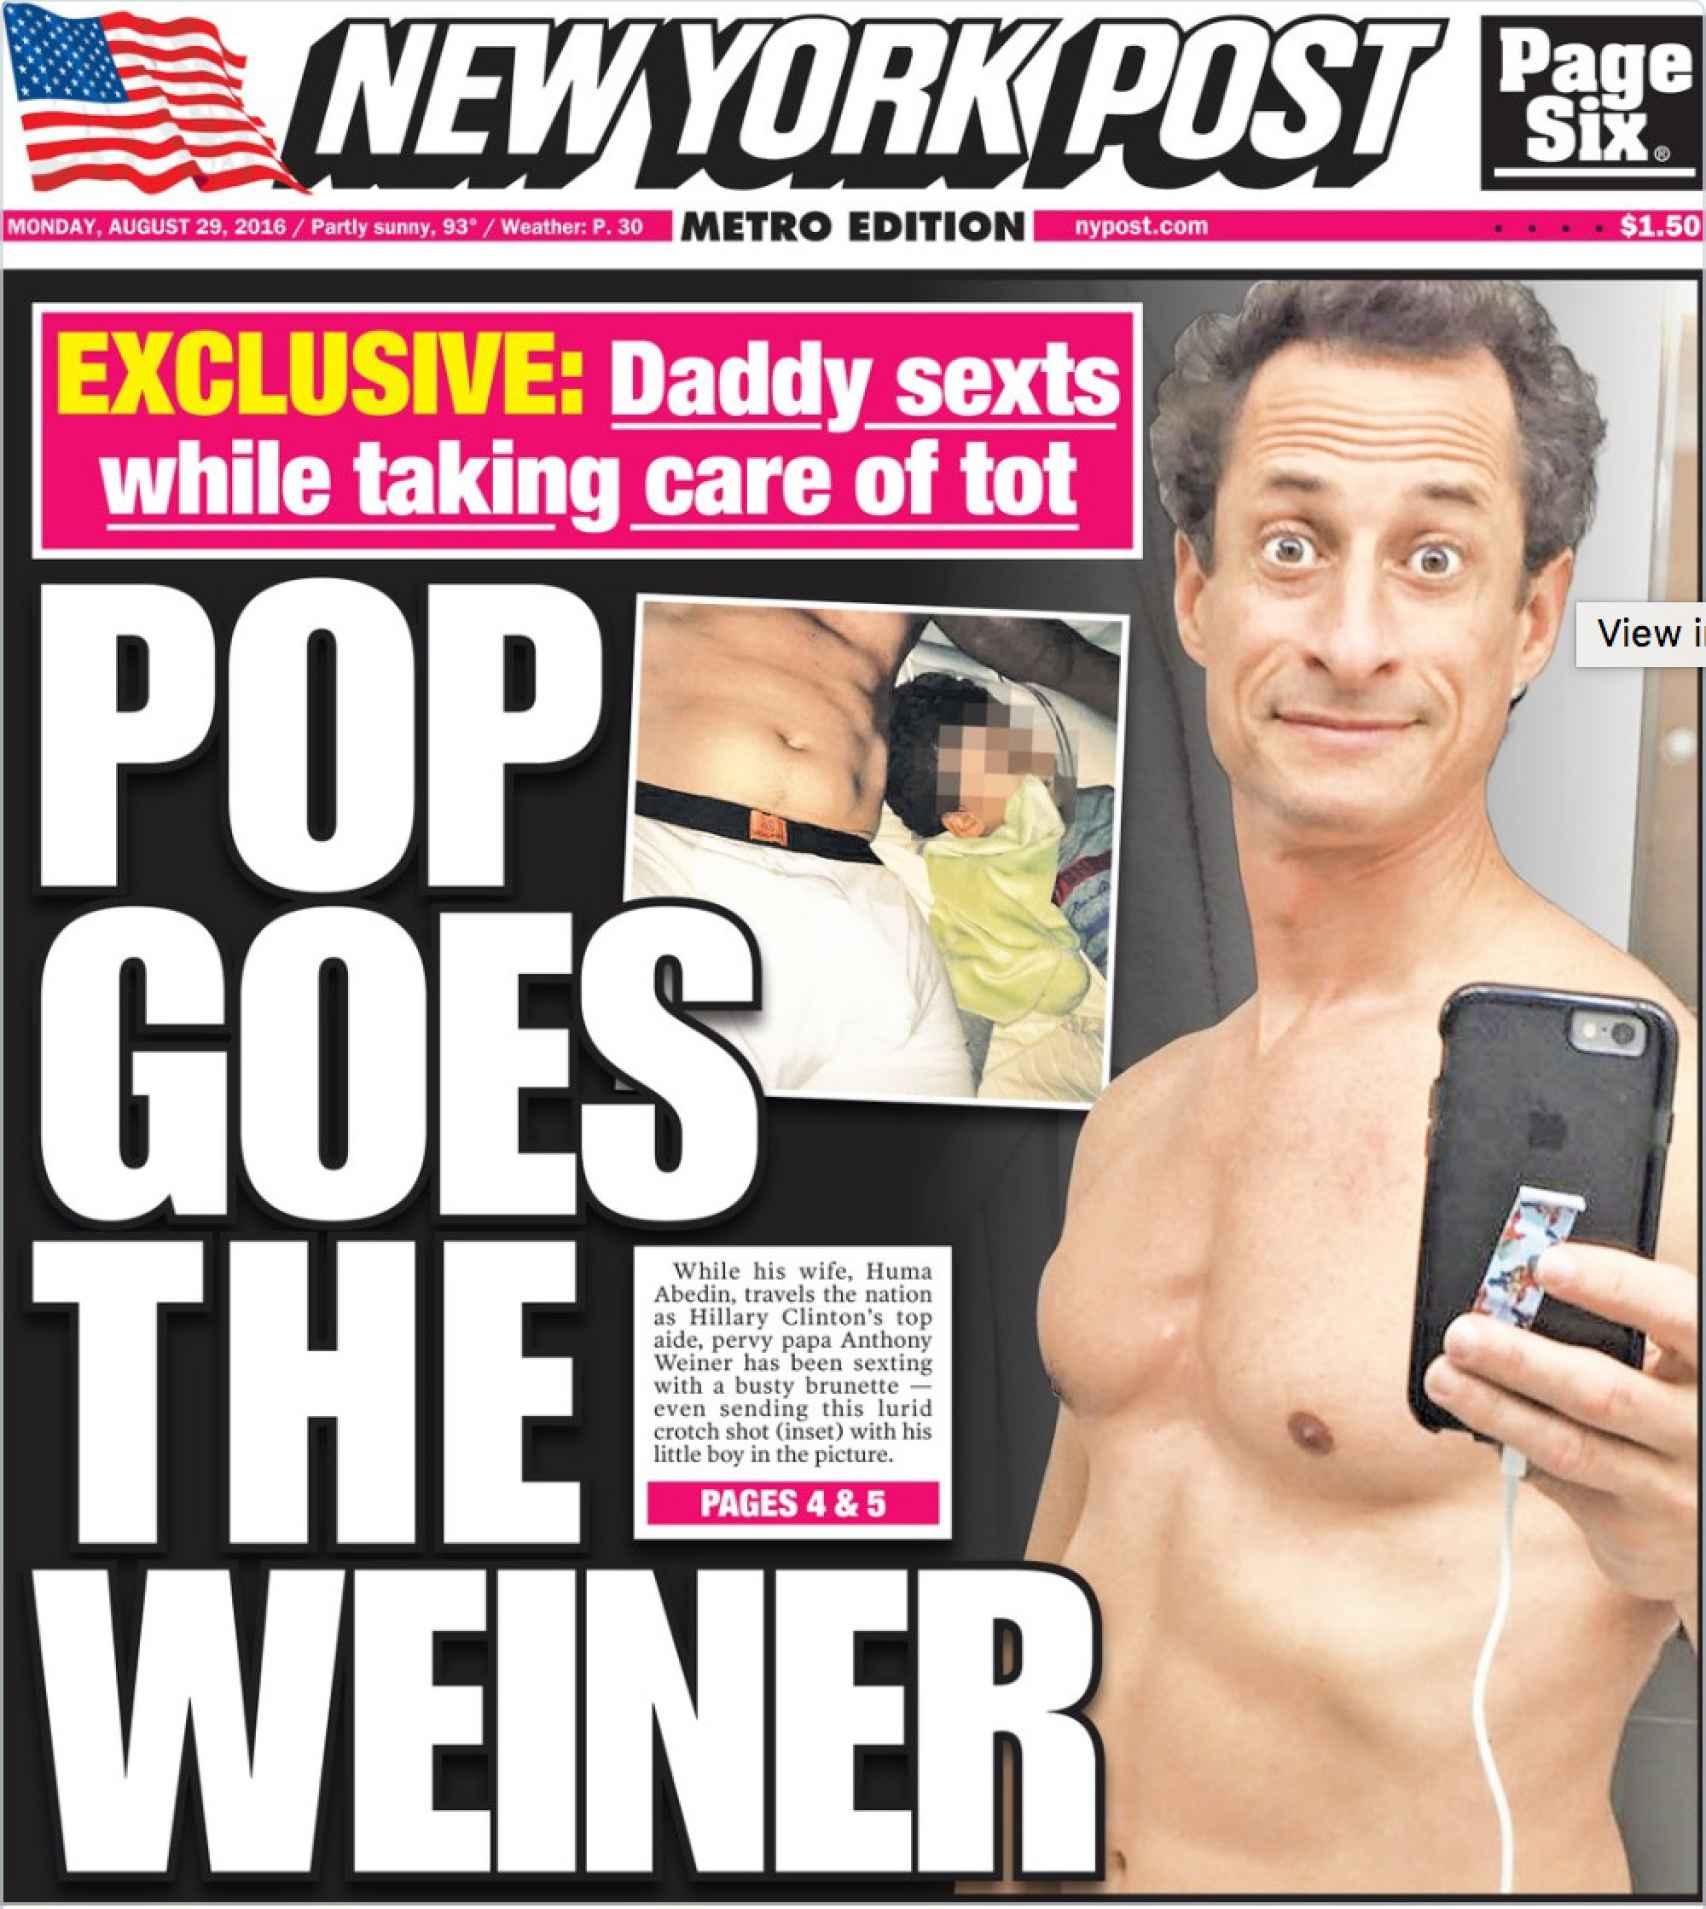 NEW YORK POST COUVERTURE AVEC DES IMAGES QUI VENUABLESABLÉS ONFER a envoyé une femme avec laquelle elle a échangé des messages.